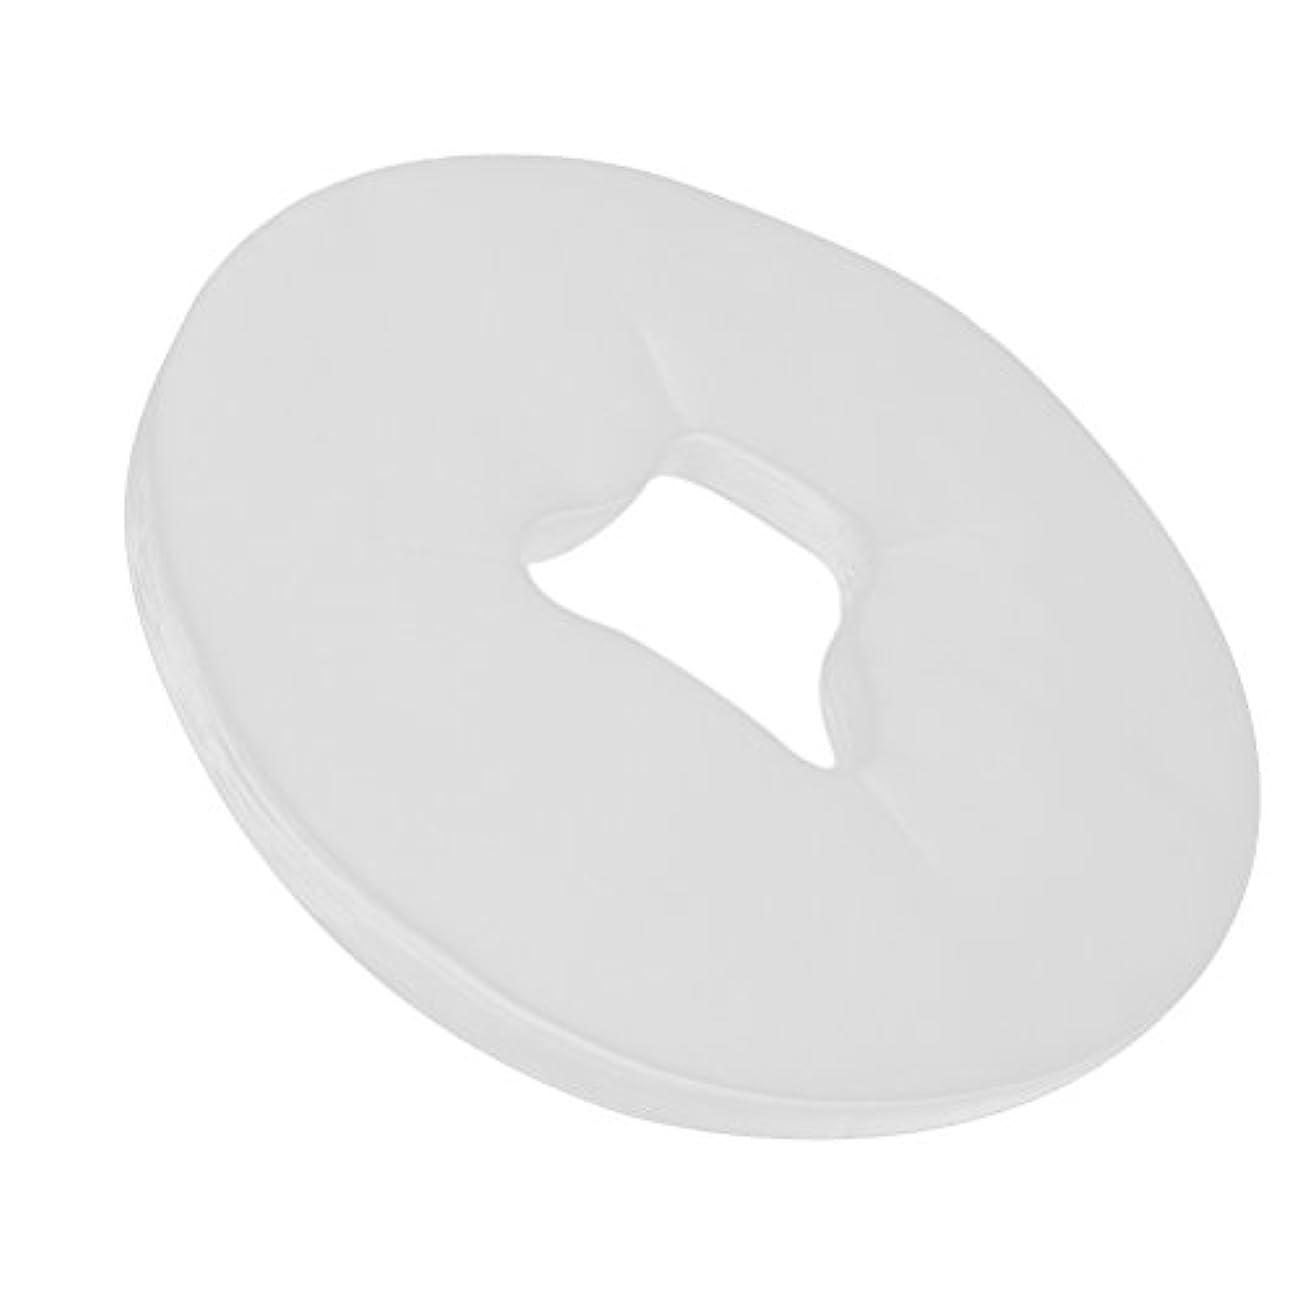 機械的導入する上へHealifty 100Pcs使い捨て可能な表面揺りかごはマッサージのテーブルのためのマッサージの表面残りカバーを覆います